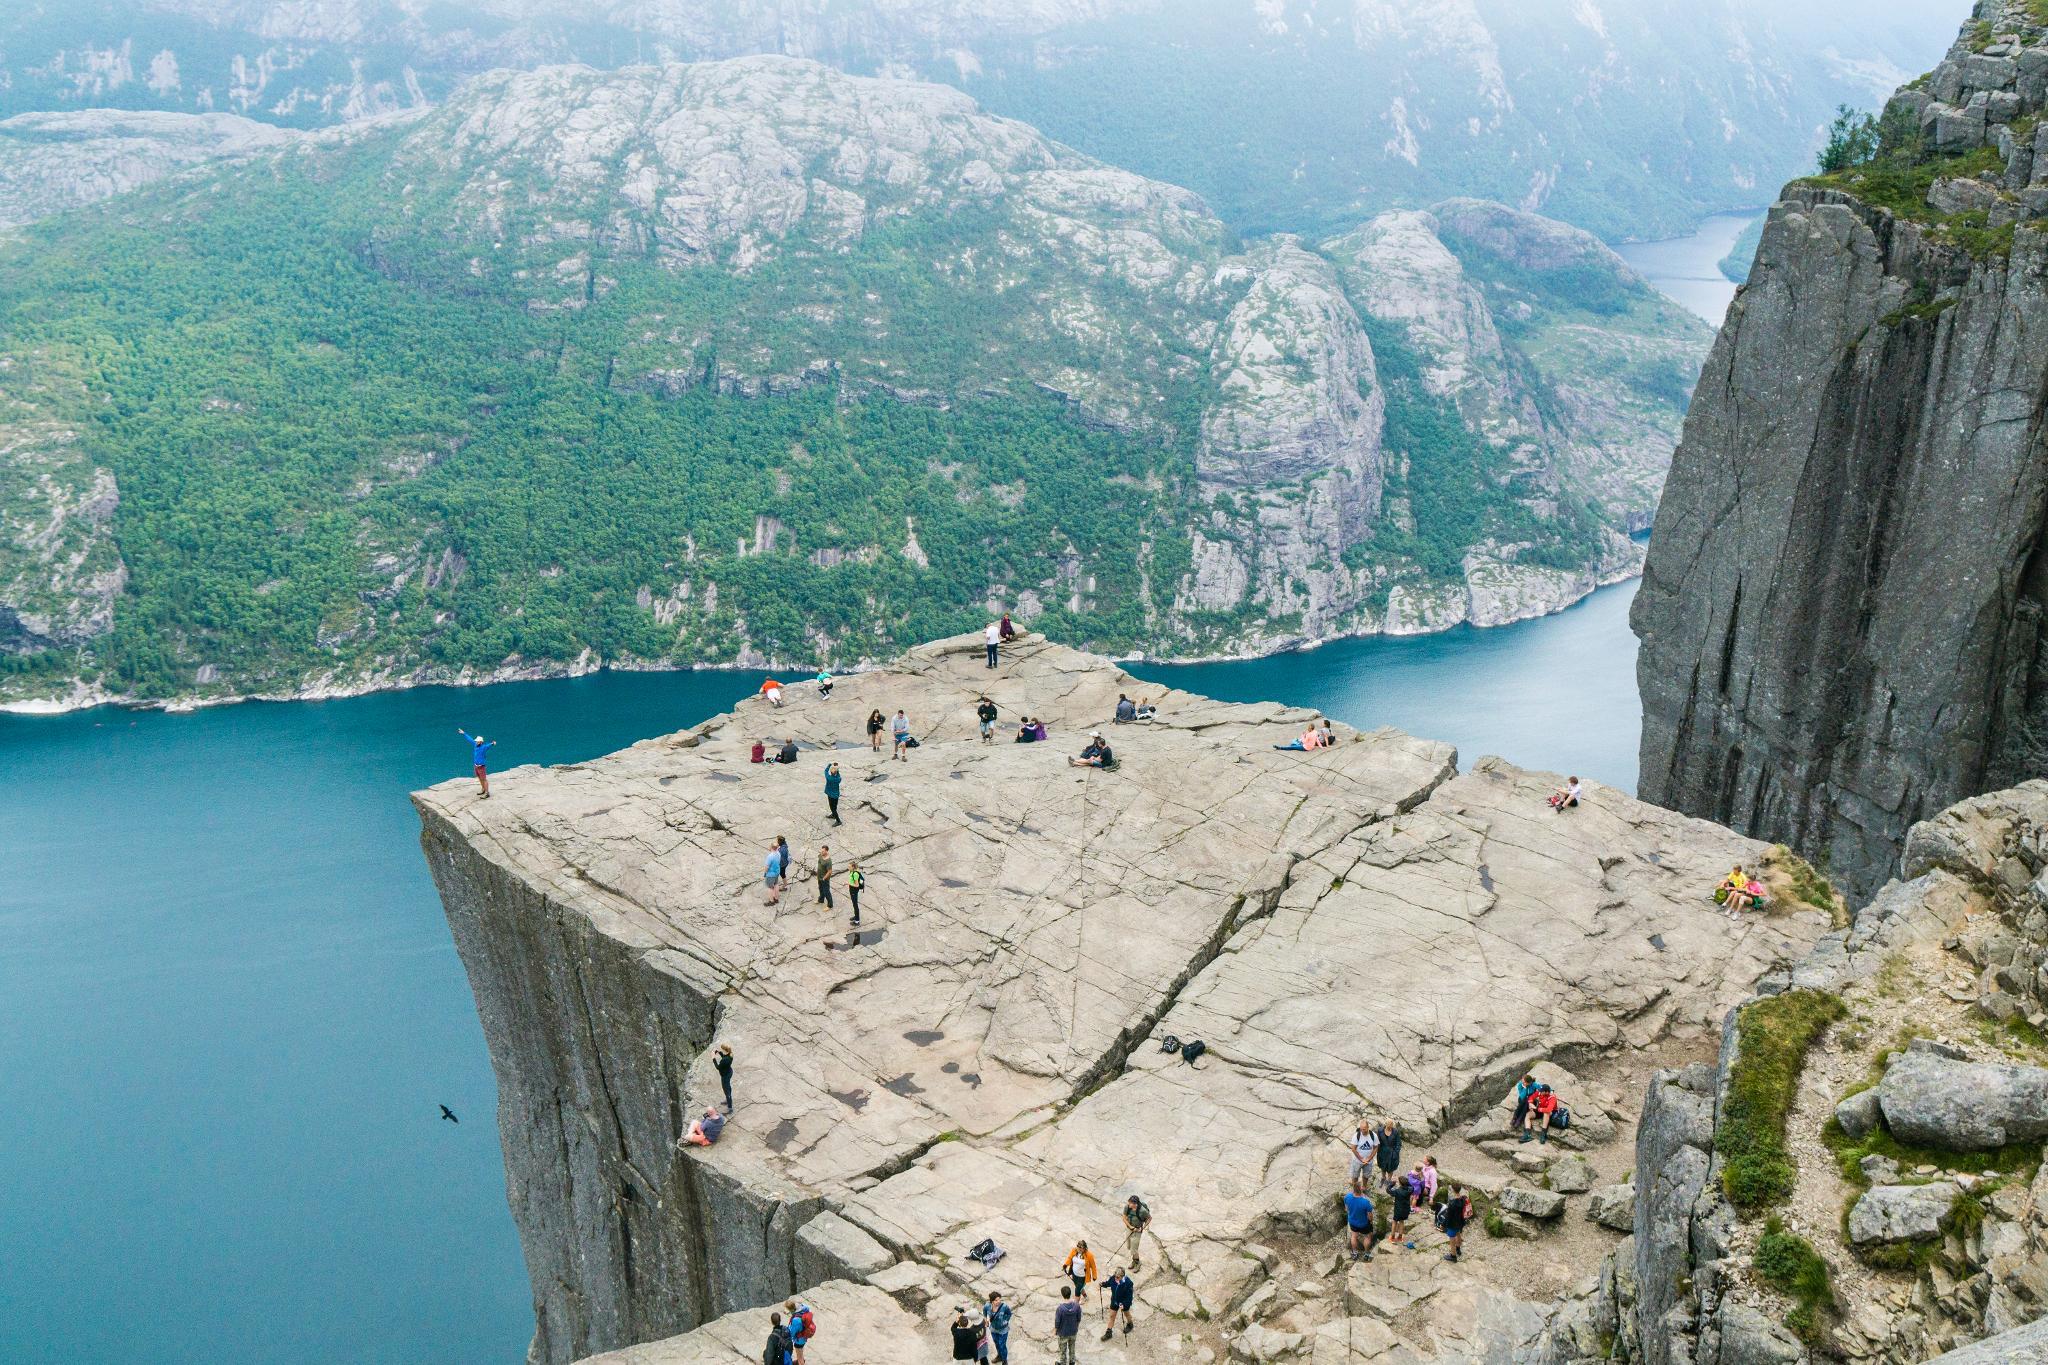 【北歐景點】朝聖挪威三大奇岩:聖壇岩Preikestolen健行紀錄 30